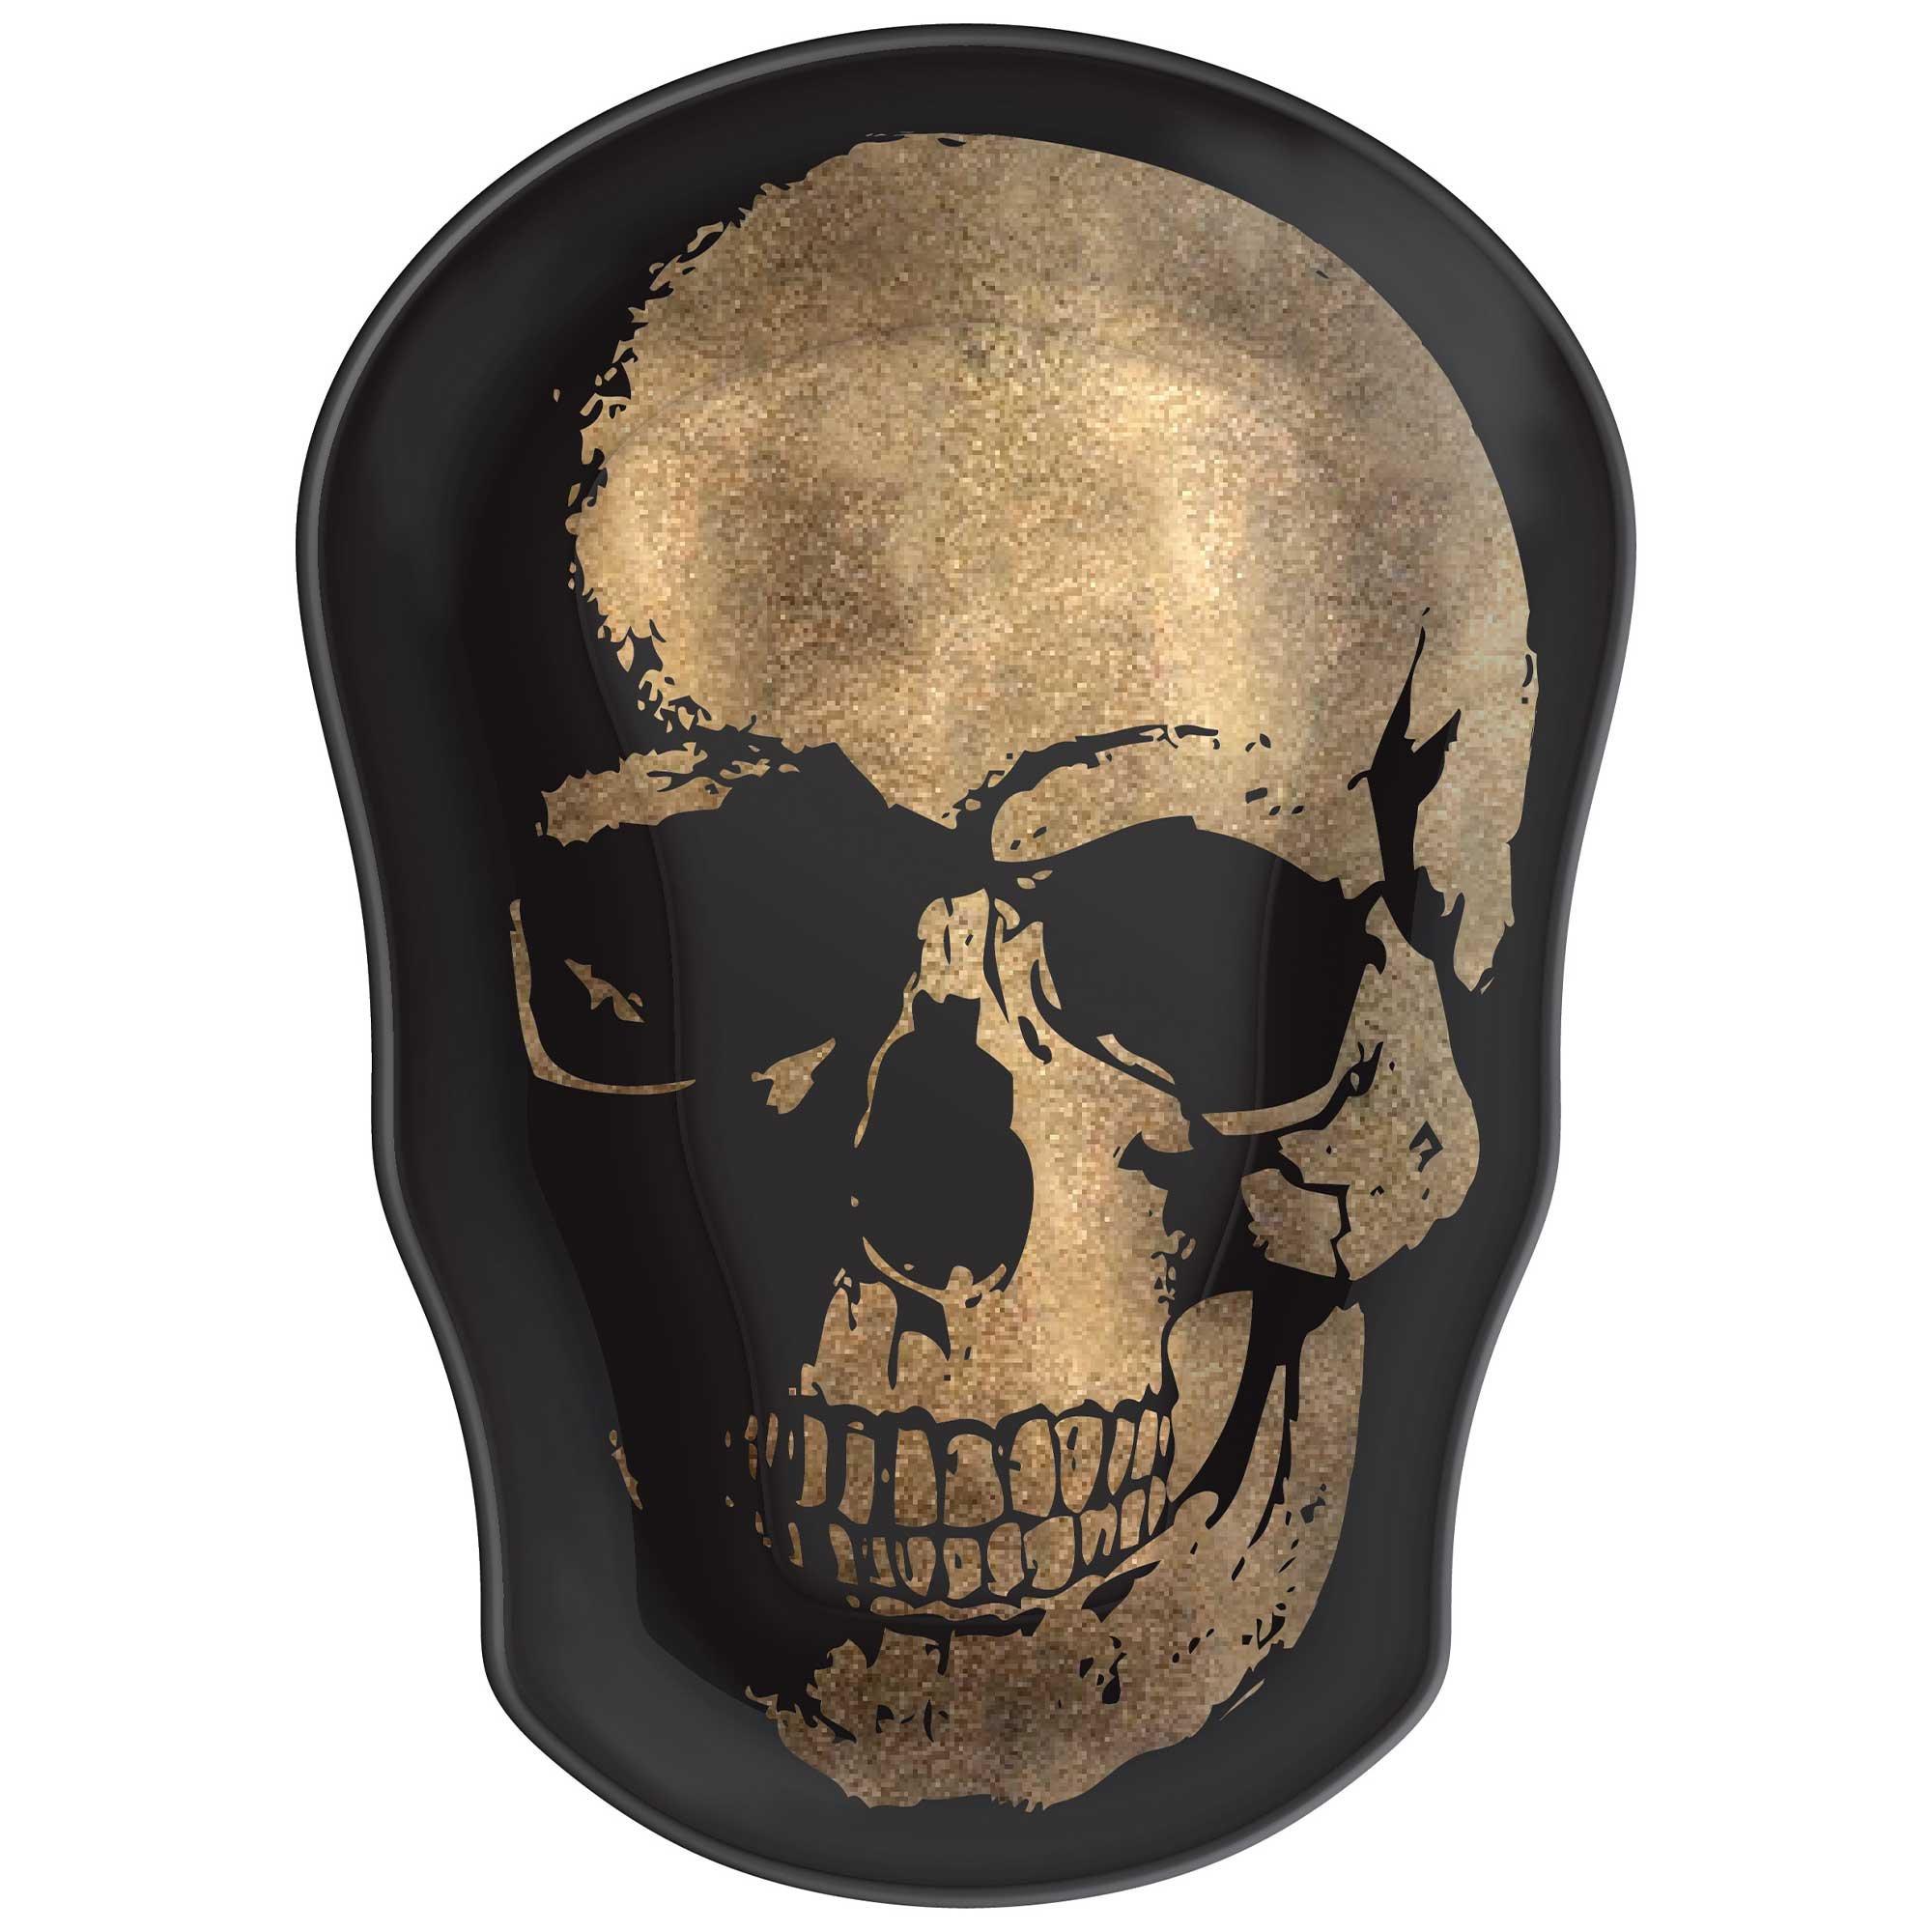 Boneyard Glam Melamine Platter